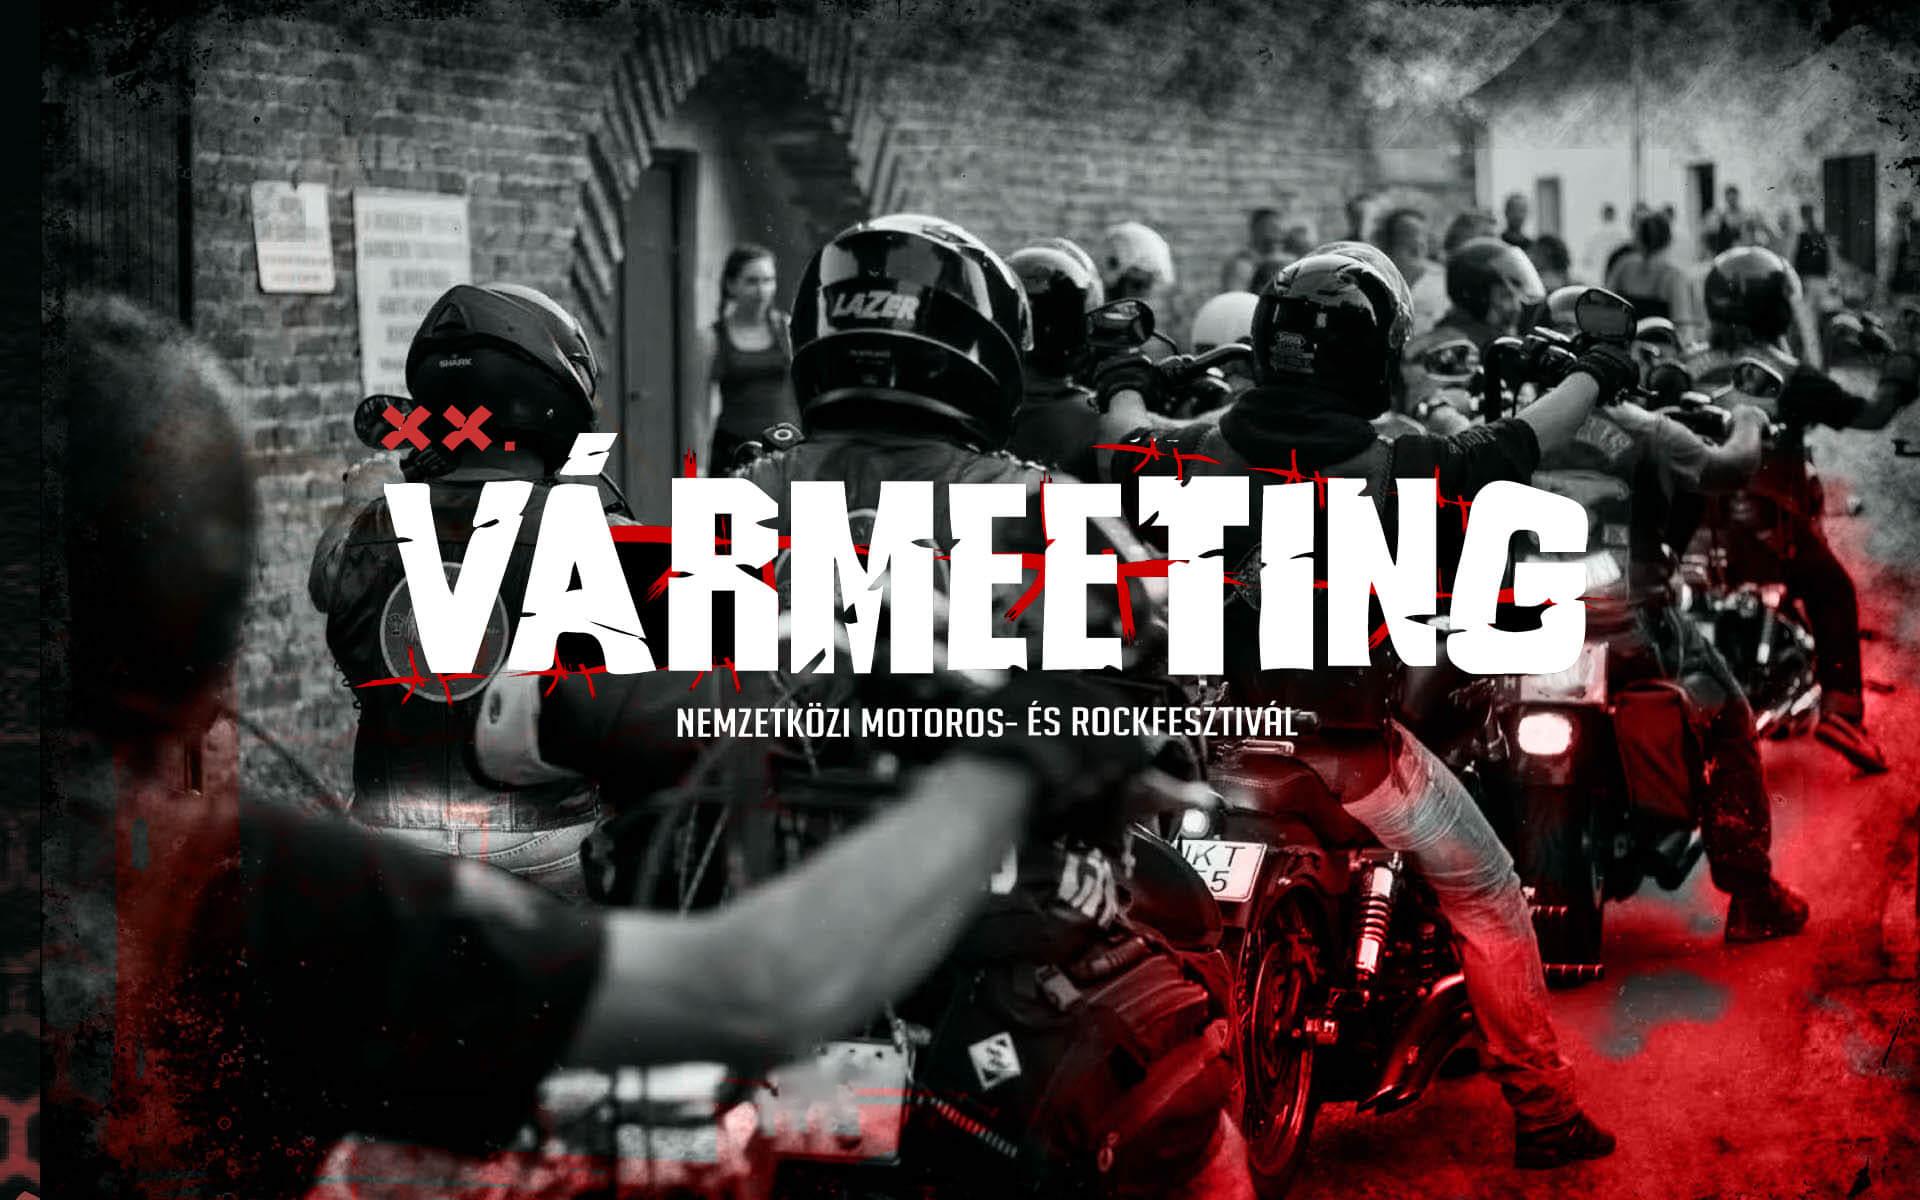 XX. Vármeeting – Nemzetközi Motoros és Rockfesztivál